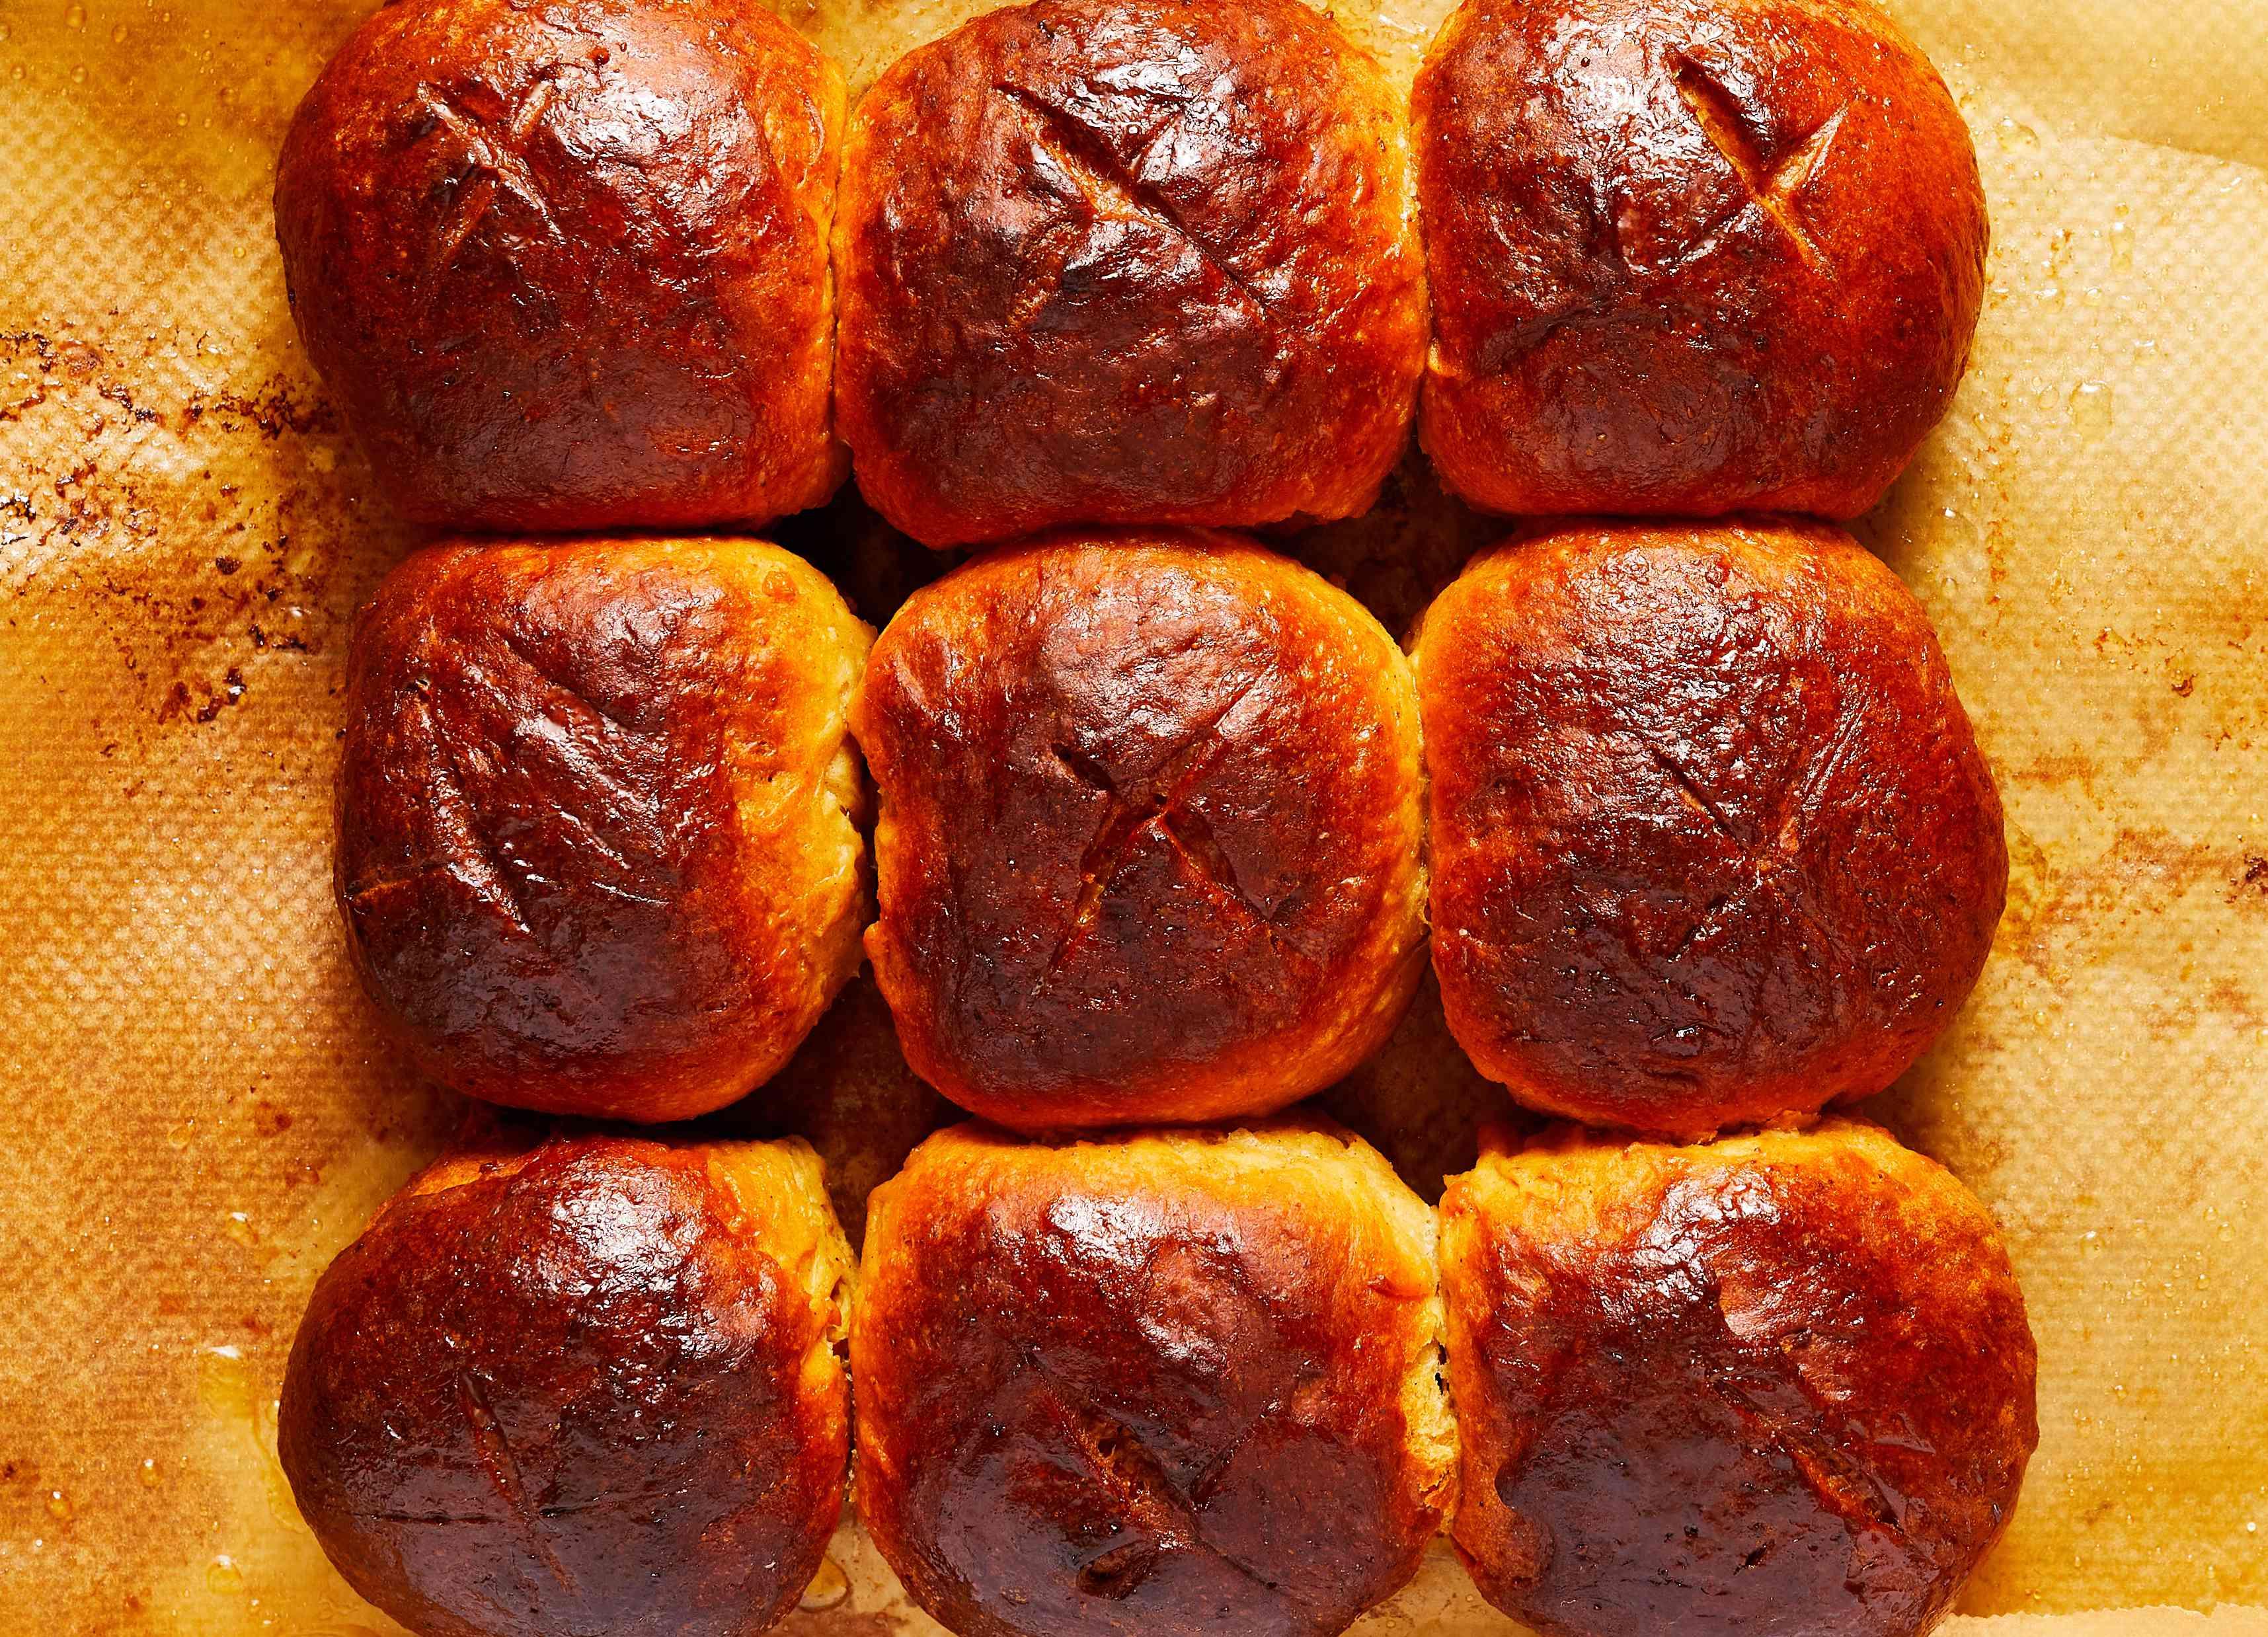 baked hot cross buns on baking sheet, deep golden brown